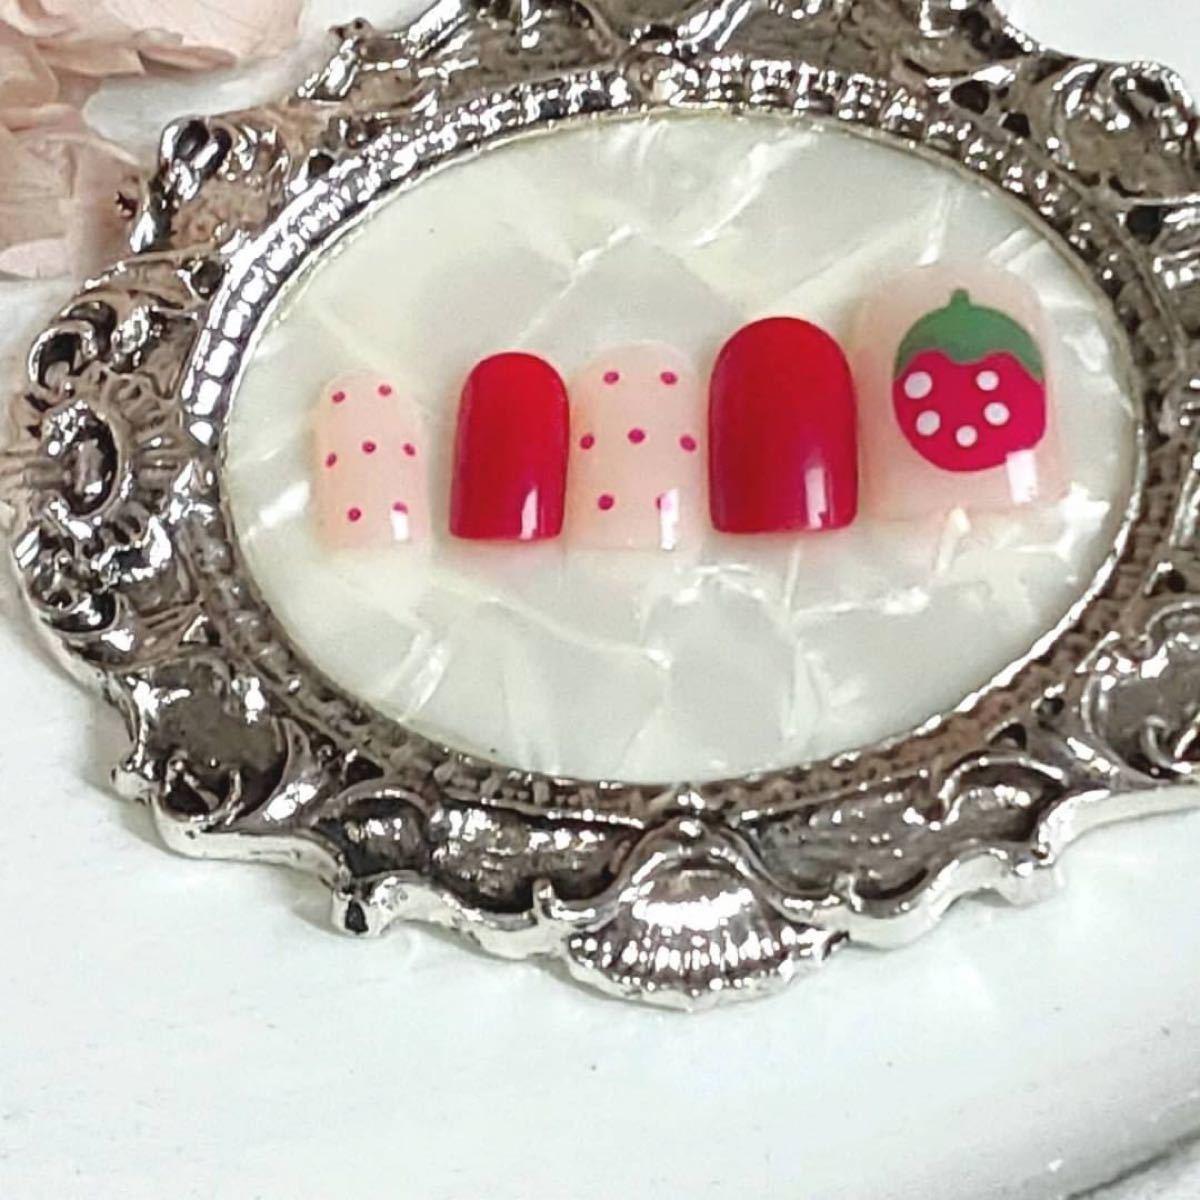 ネイルチップ ジェルネイル いちご かわいい 赤 ドット 韓国ネイル 量産型